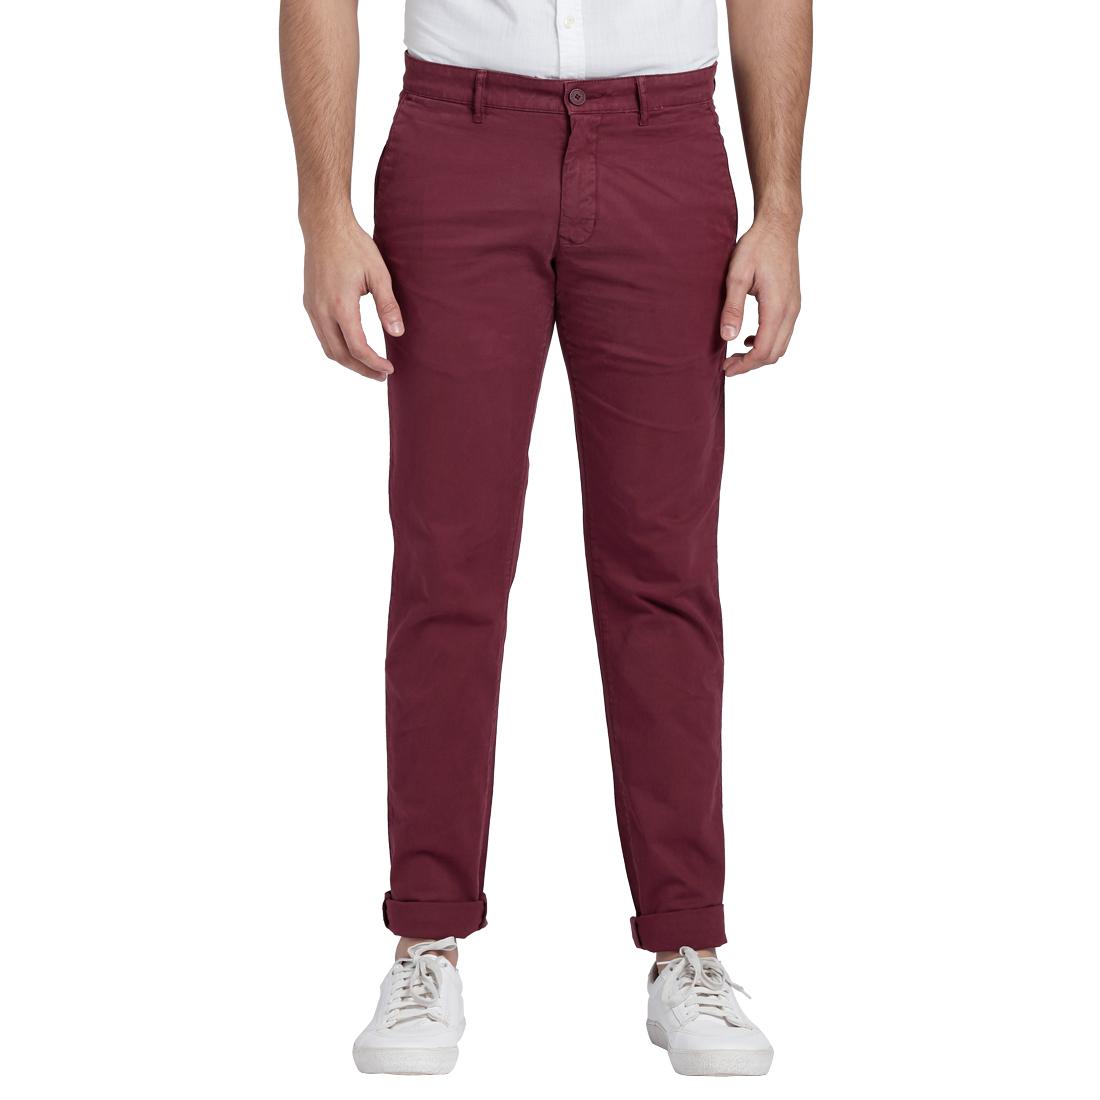 PARX | PARX Red Trouser